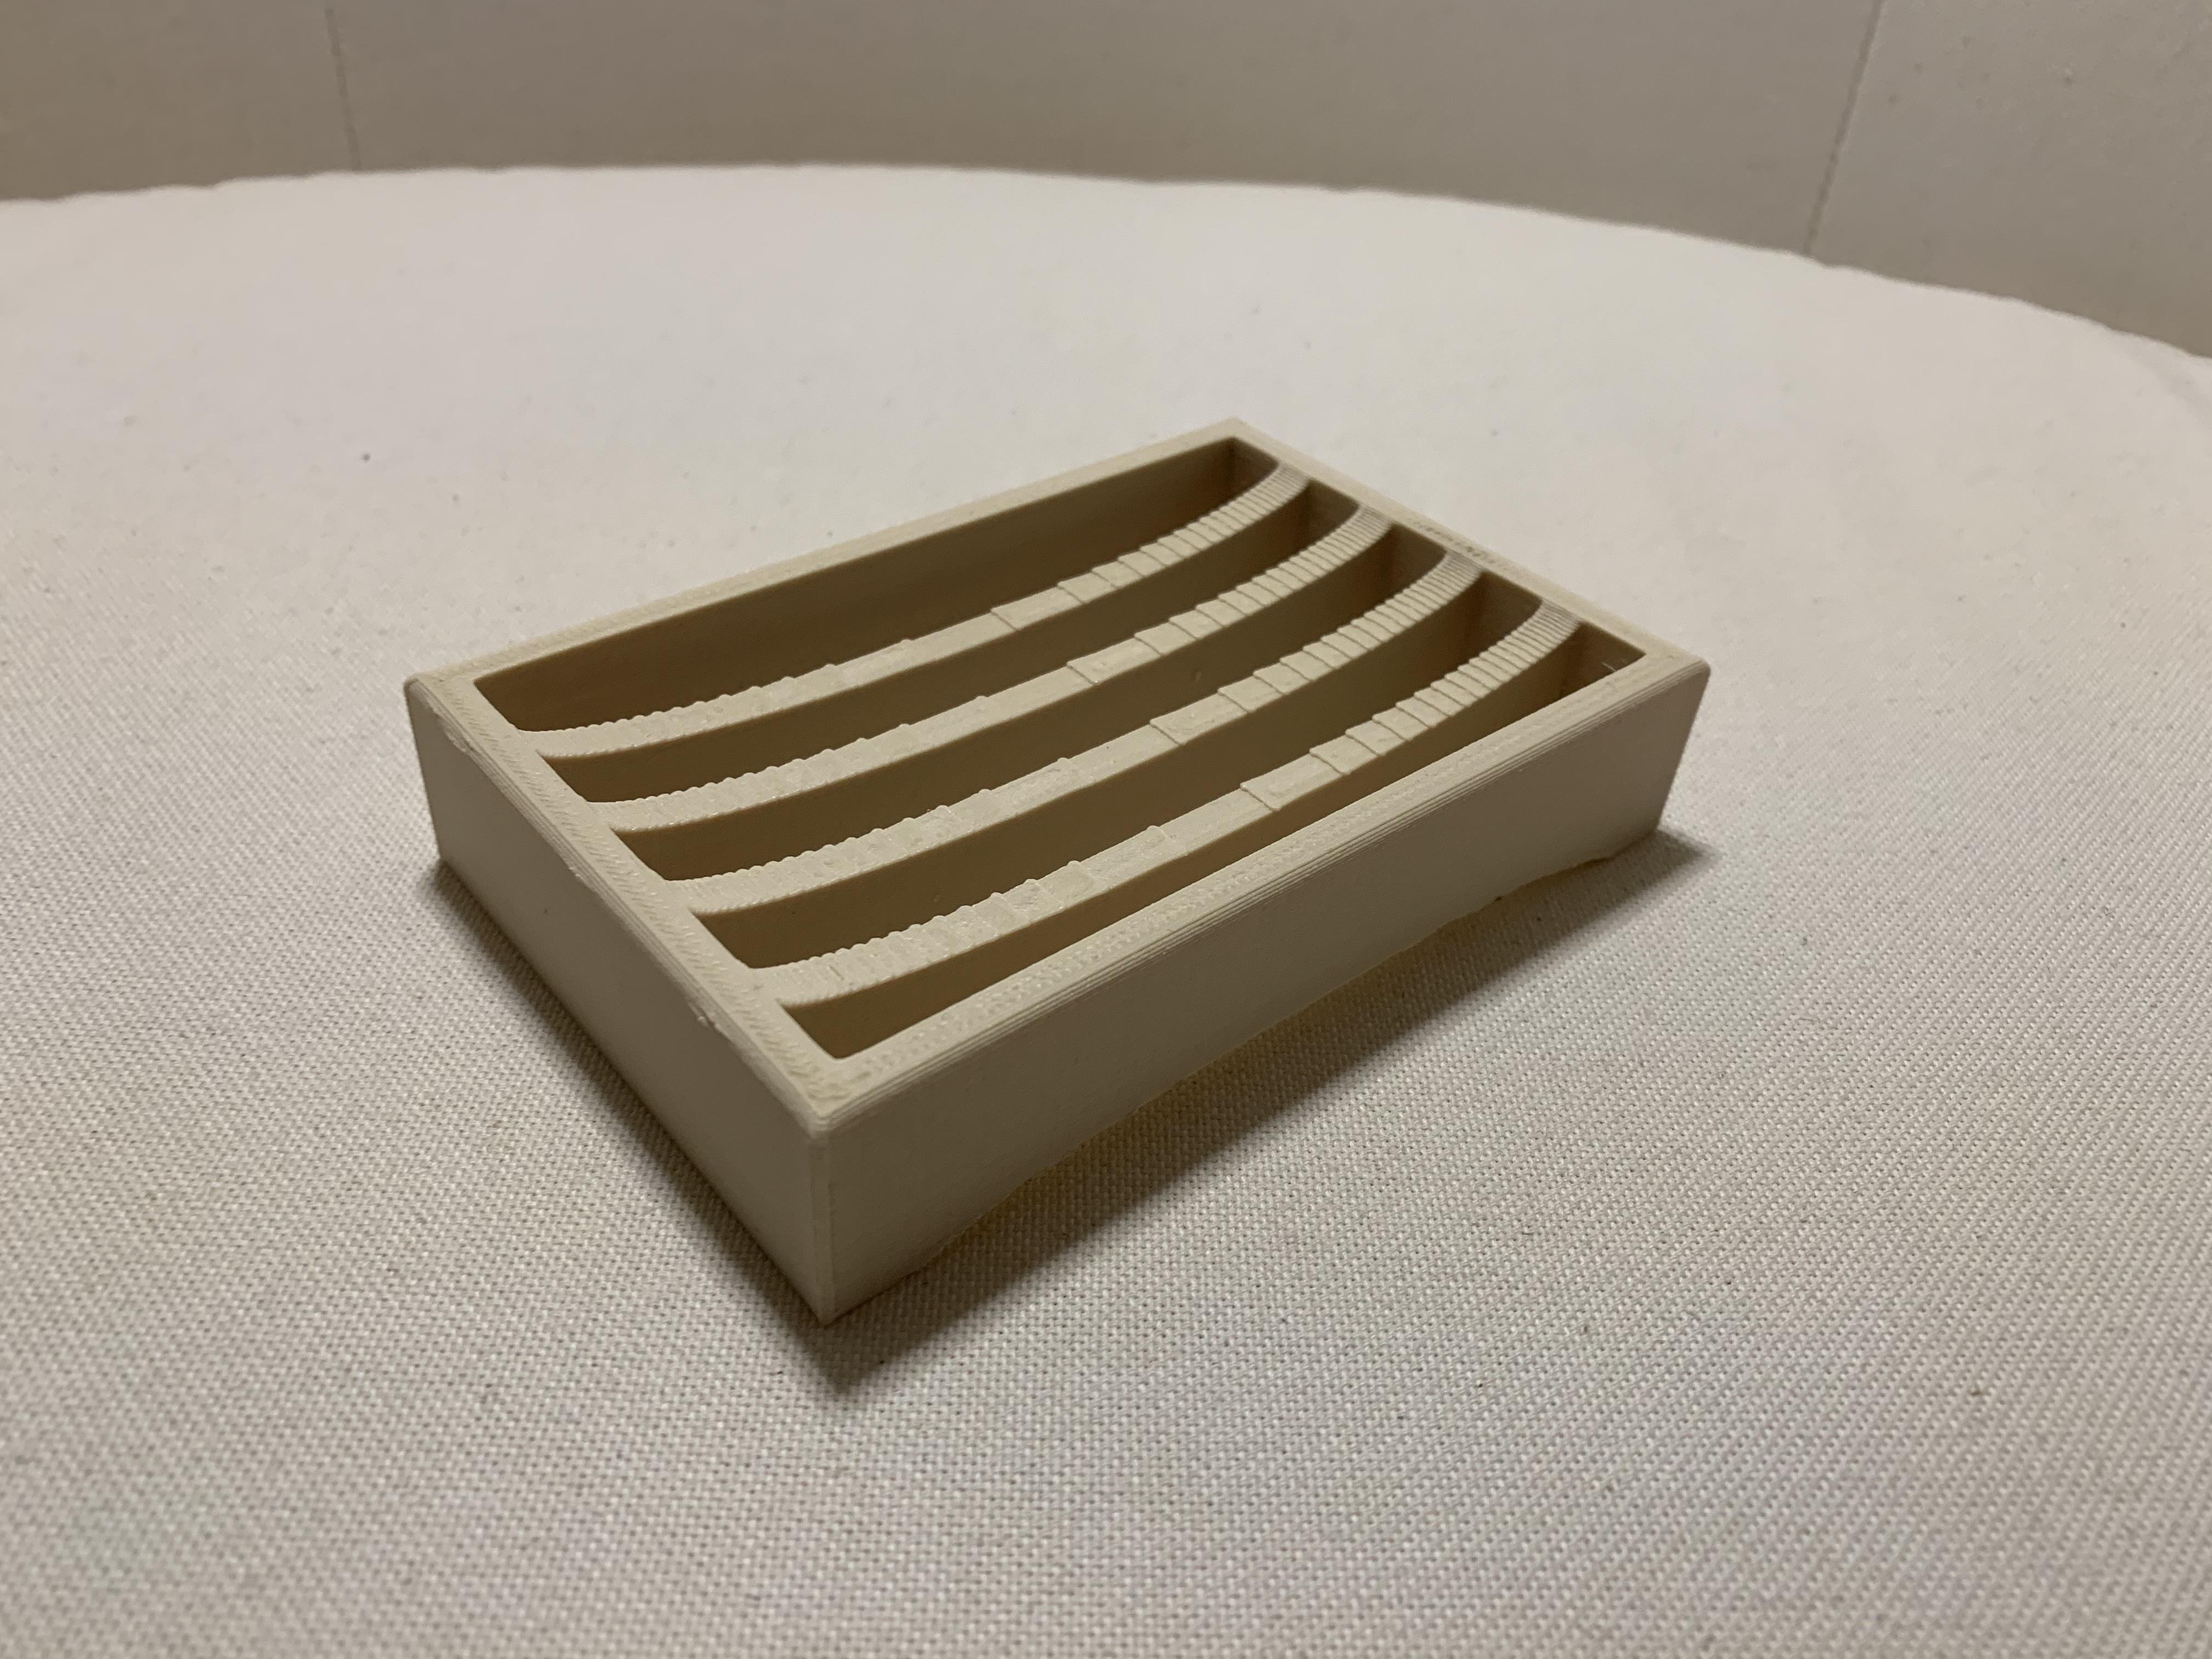 IMG_3567.jpg Download free STL file Soap holder - Porte savon • 3D printing design, MatFeex